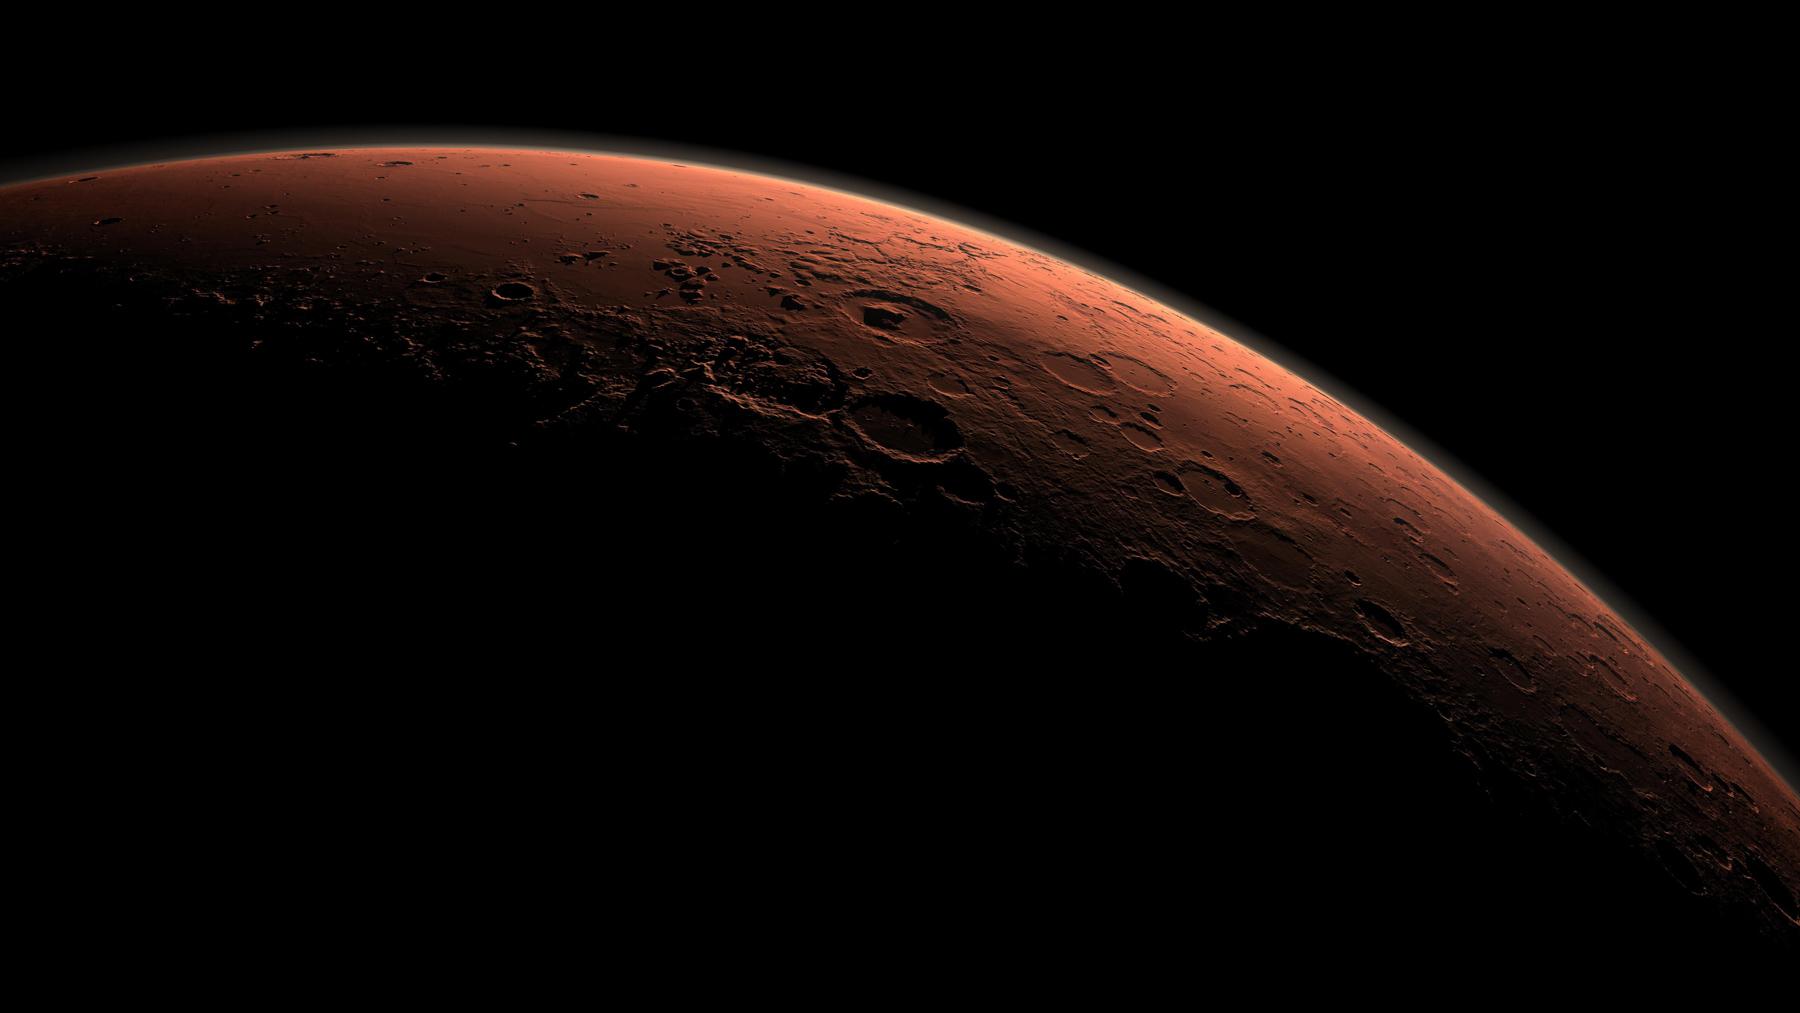 Органічні молекули, виявлені на Марсі, мають біологічне походження, – вчені - позаземне життя - 10 mars